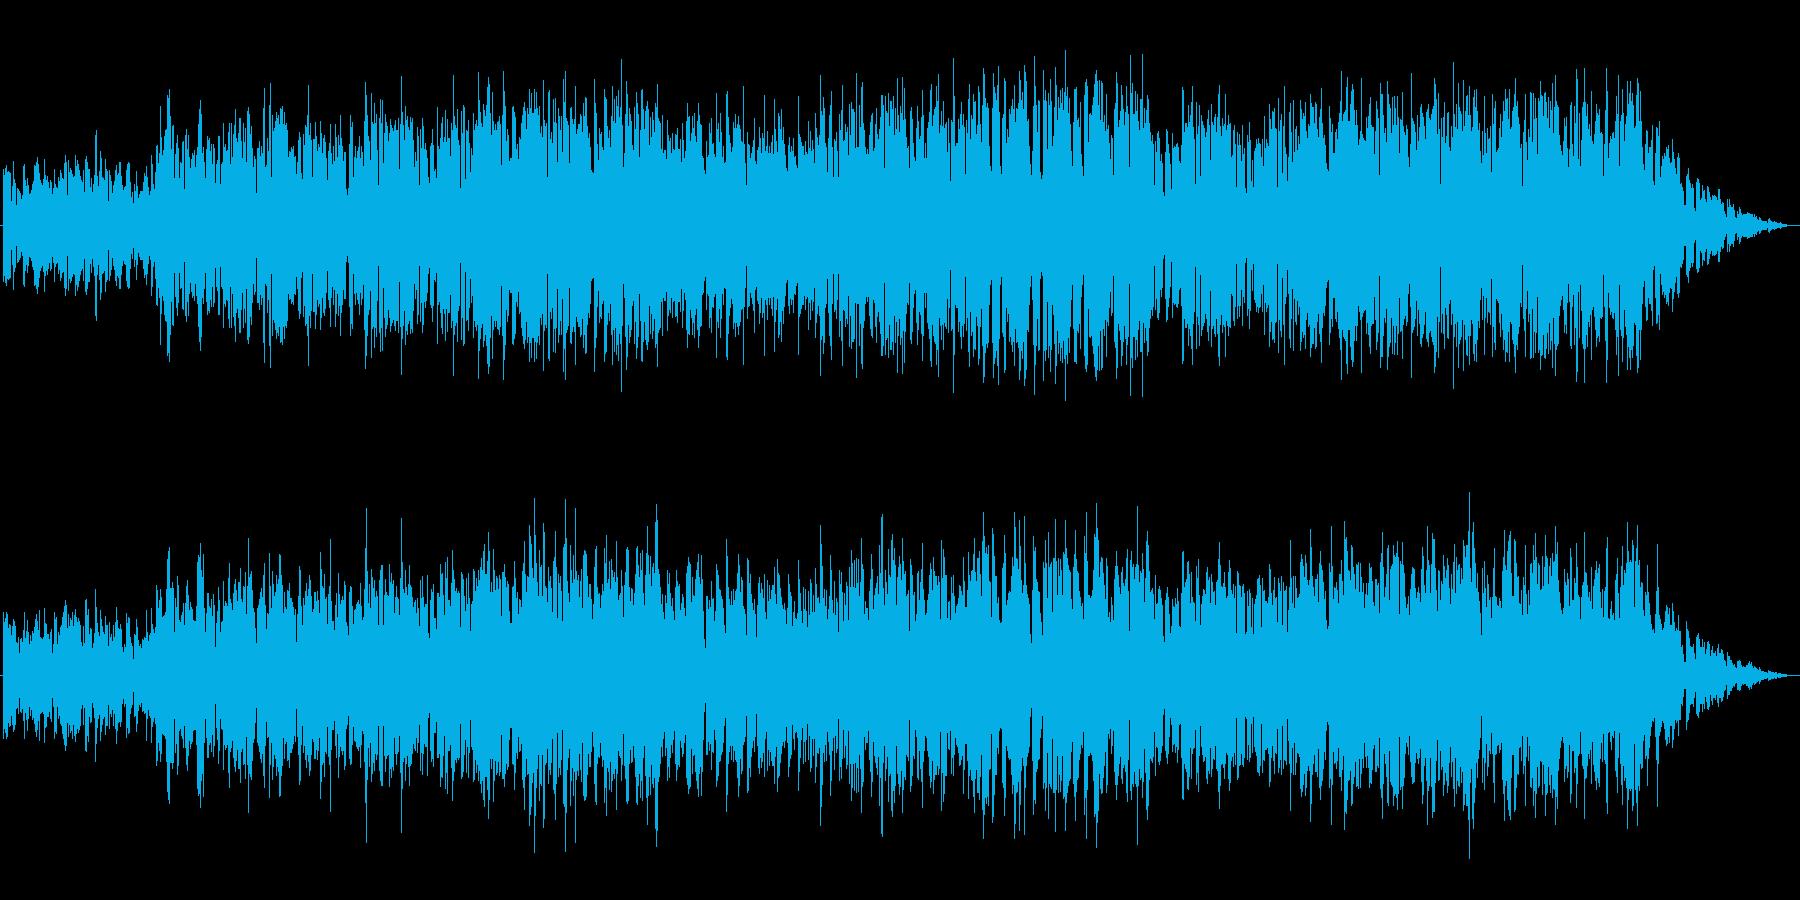 アイリッシュ系の落ち着いた街【ループ可】の再生済みの波形